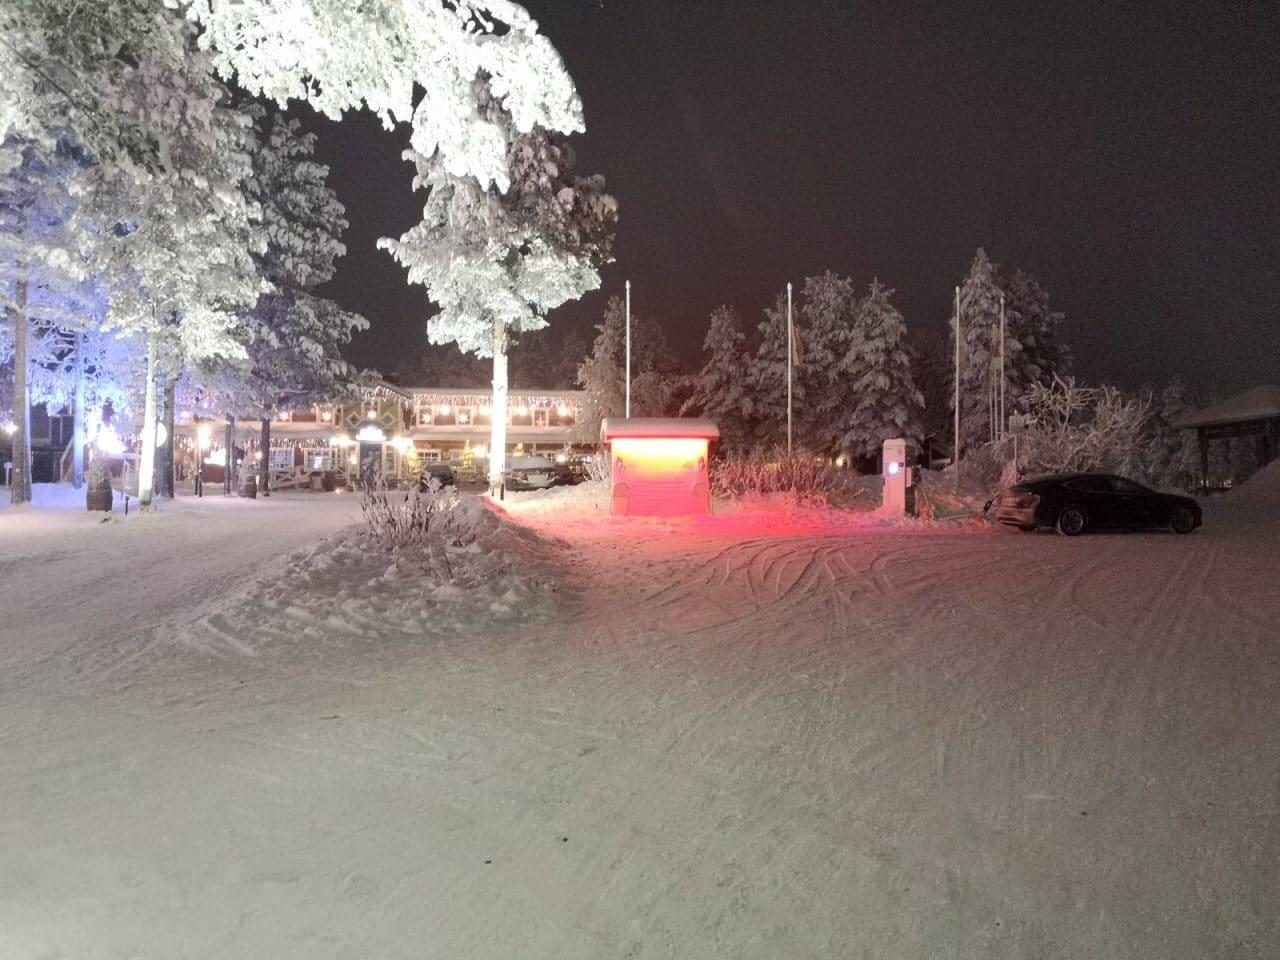 Jokamies-Teslalla-talvella-Nordkappiin-Levi-lataus